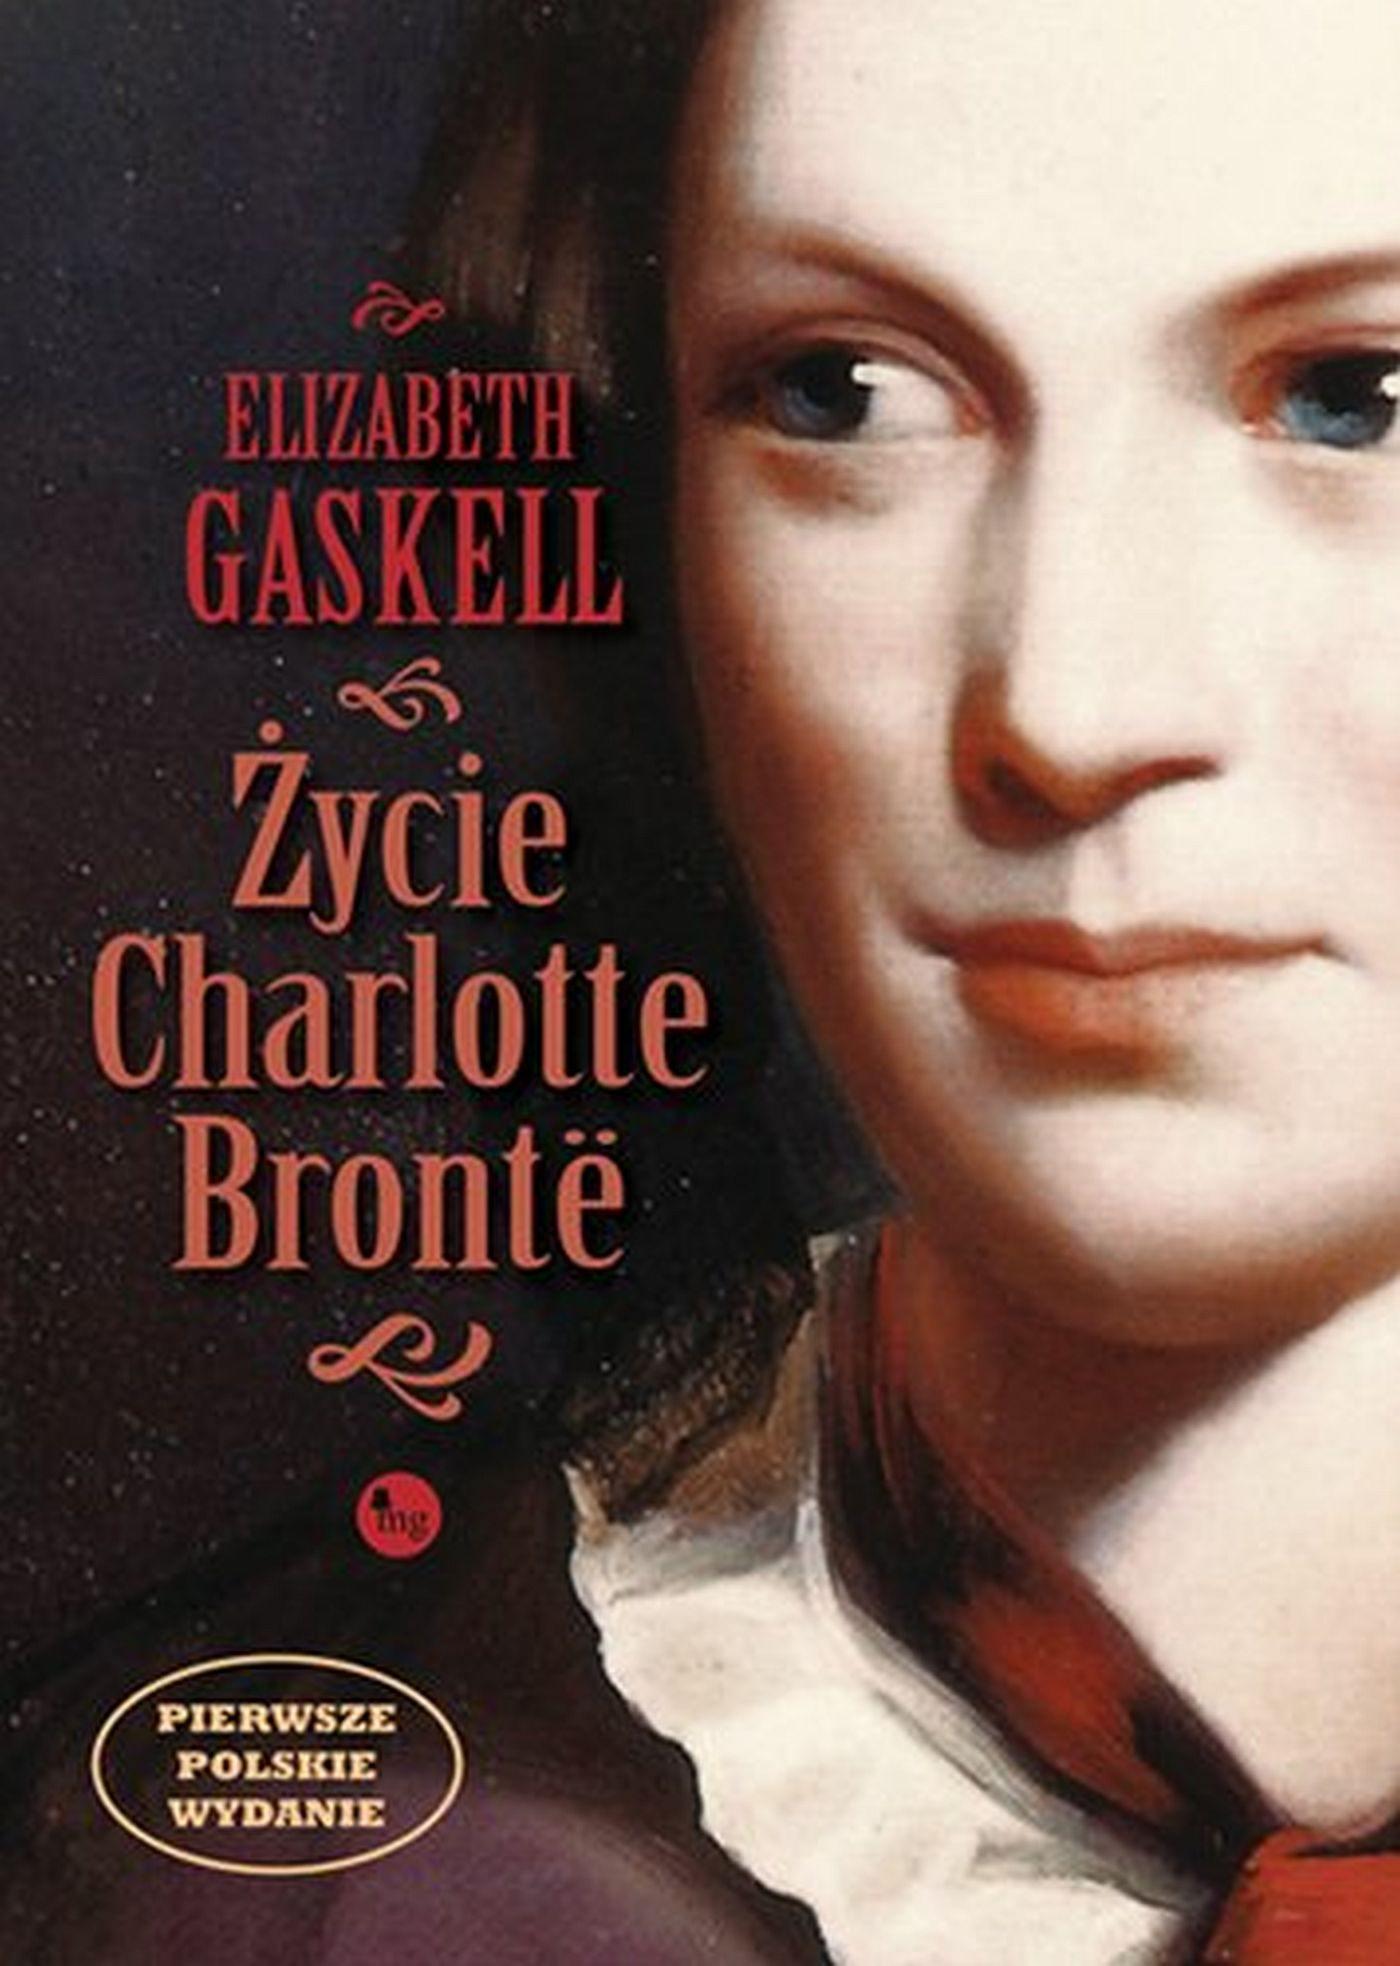 Życie Charlotte Brontë - Ebook (Książka EPUB) do pobrania w formacie EPUB